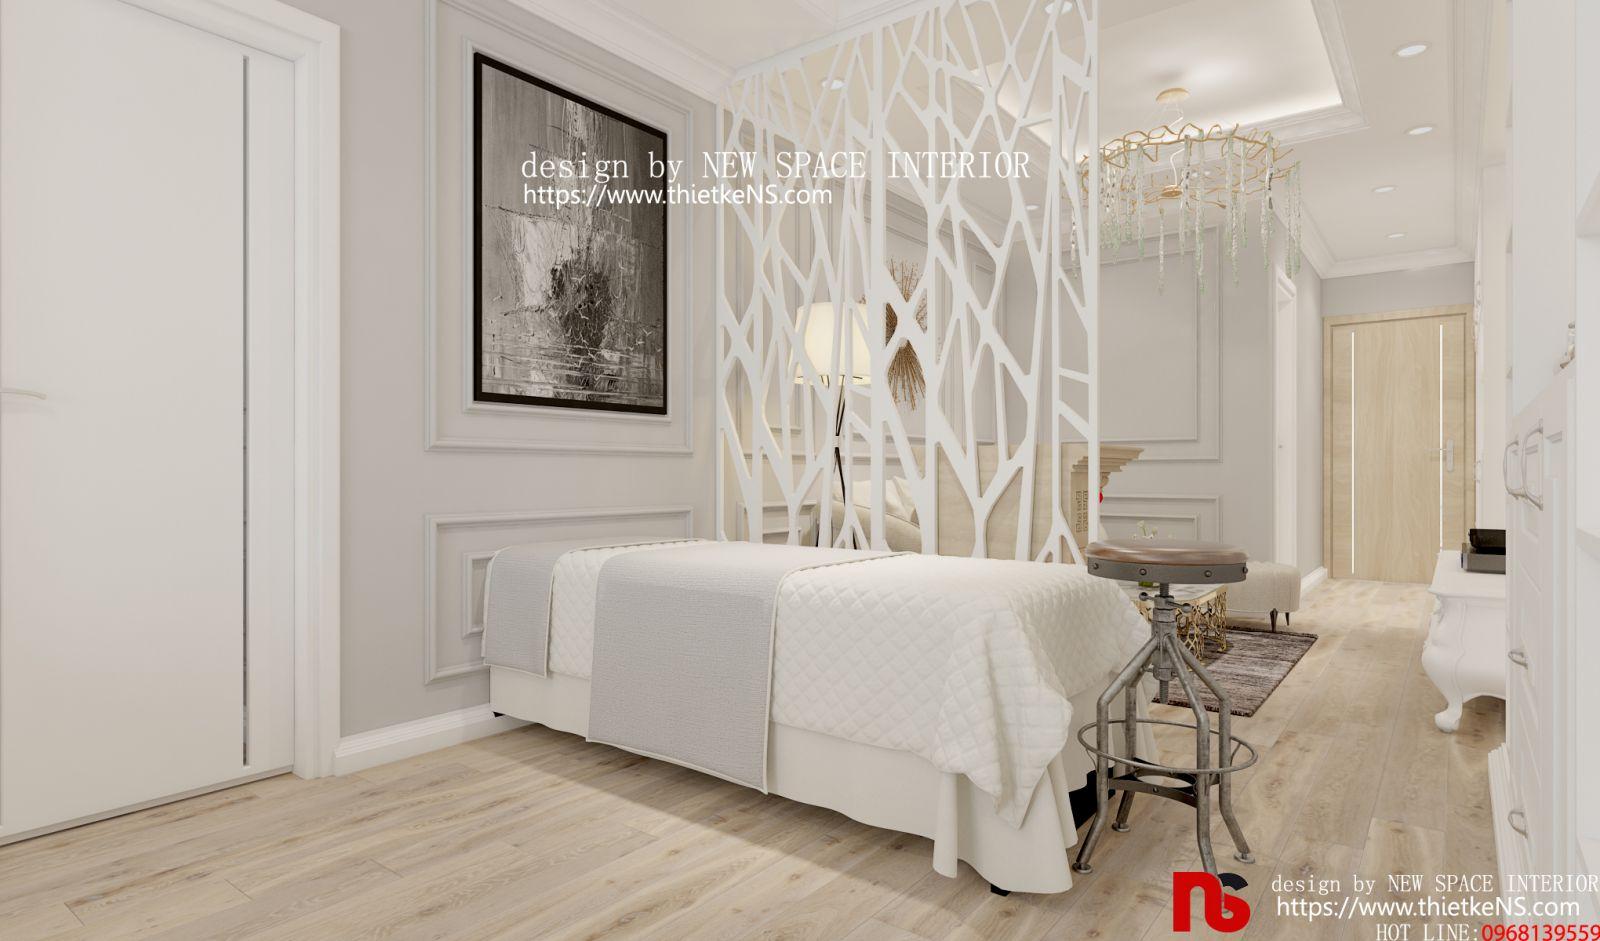 Thiết kế nội thất chung cư cho vụ Spa